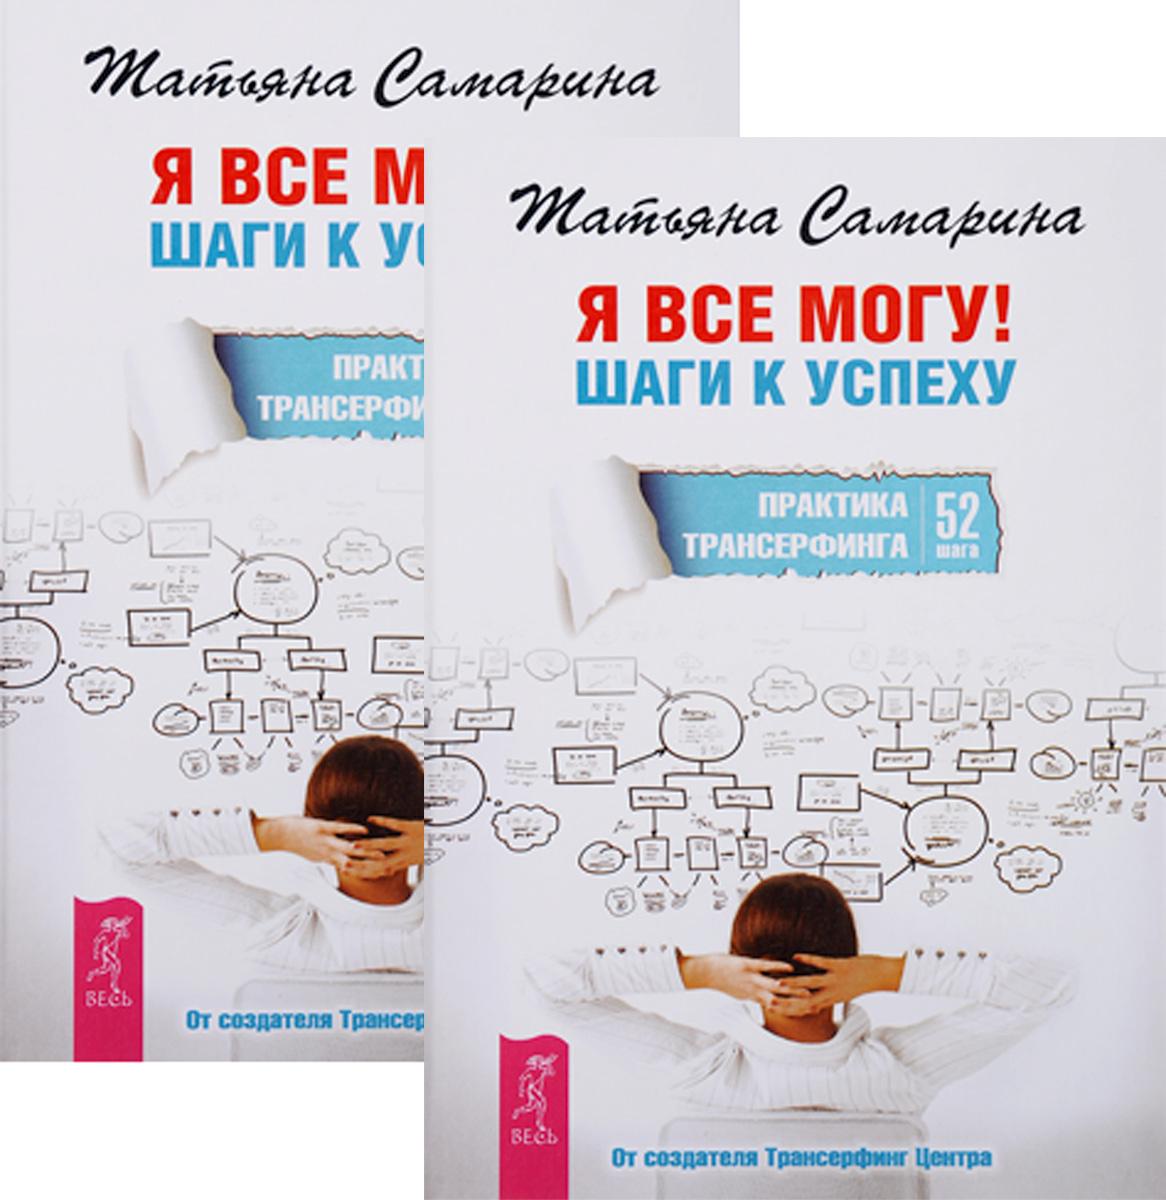 Я все могу! Шаги к успеху. Практика Трансерфинга (комплект из 2 книг). Татьяна Самарина